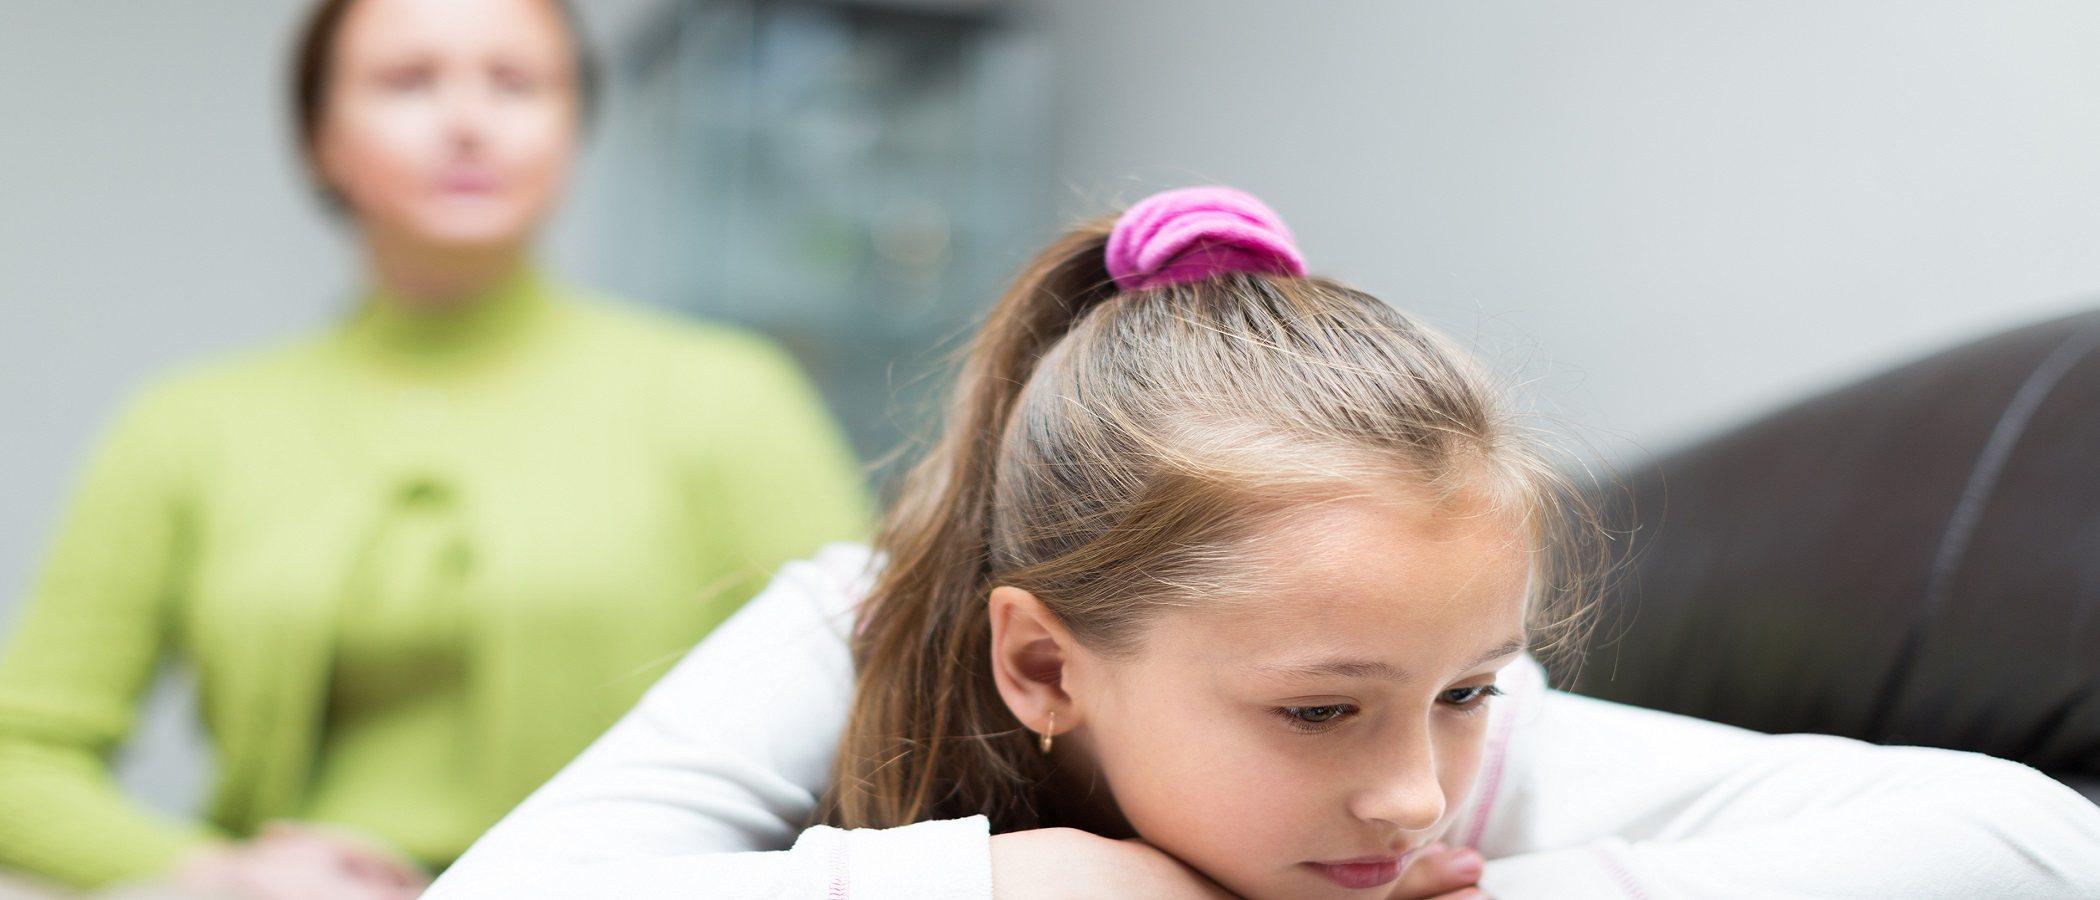 Reglas para establecer límites en familias disfuncionales